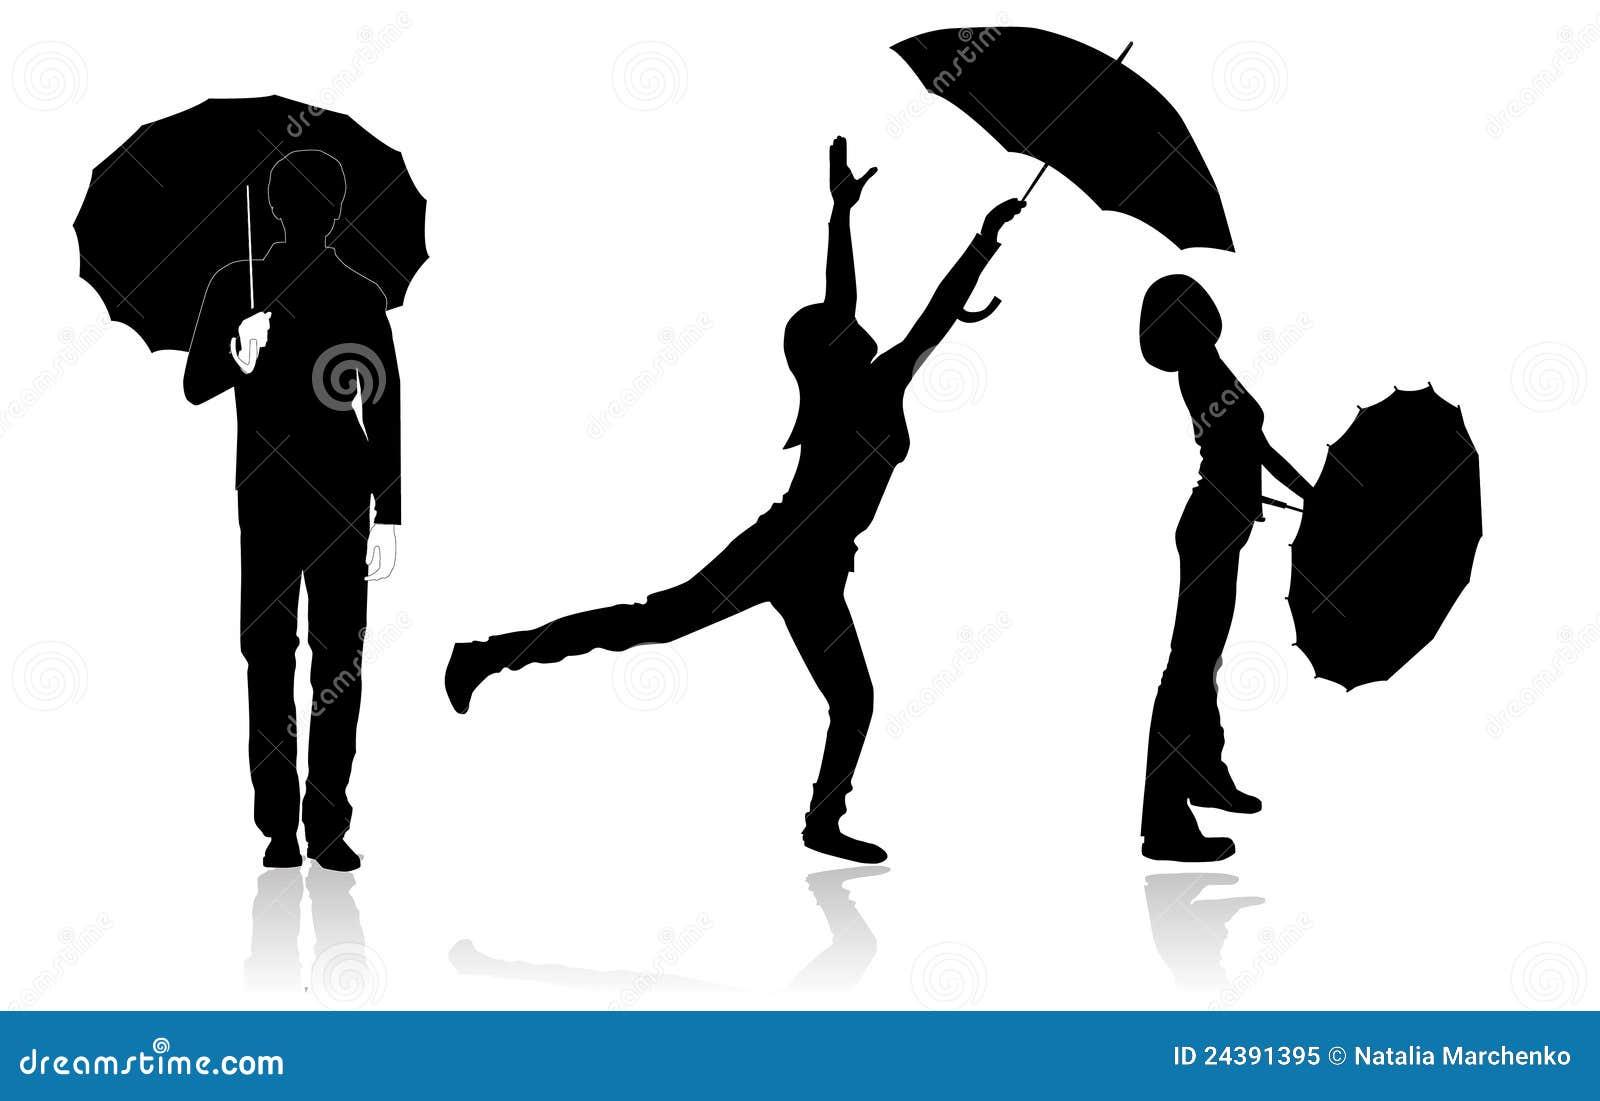 Schattenbilder Mit Regenschirmen Vektor Abbildung